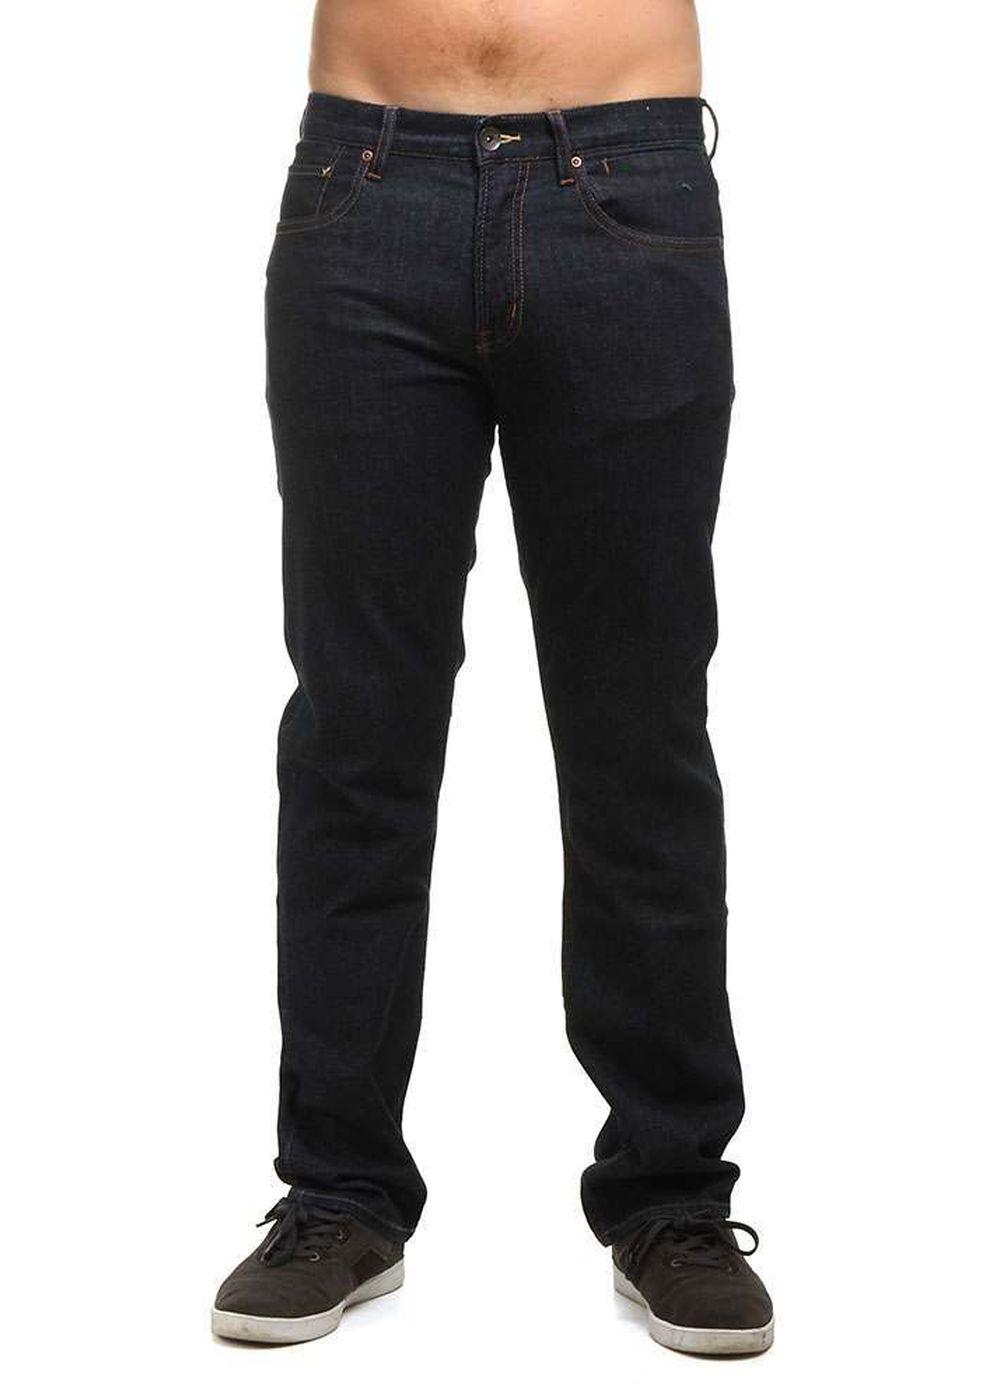 quiksilver-sequel-jeans-rinse